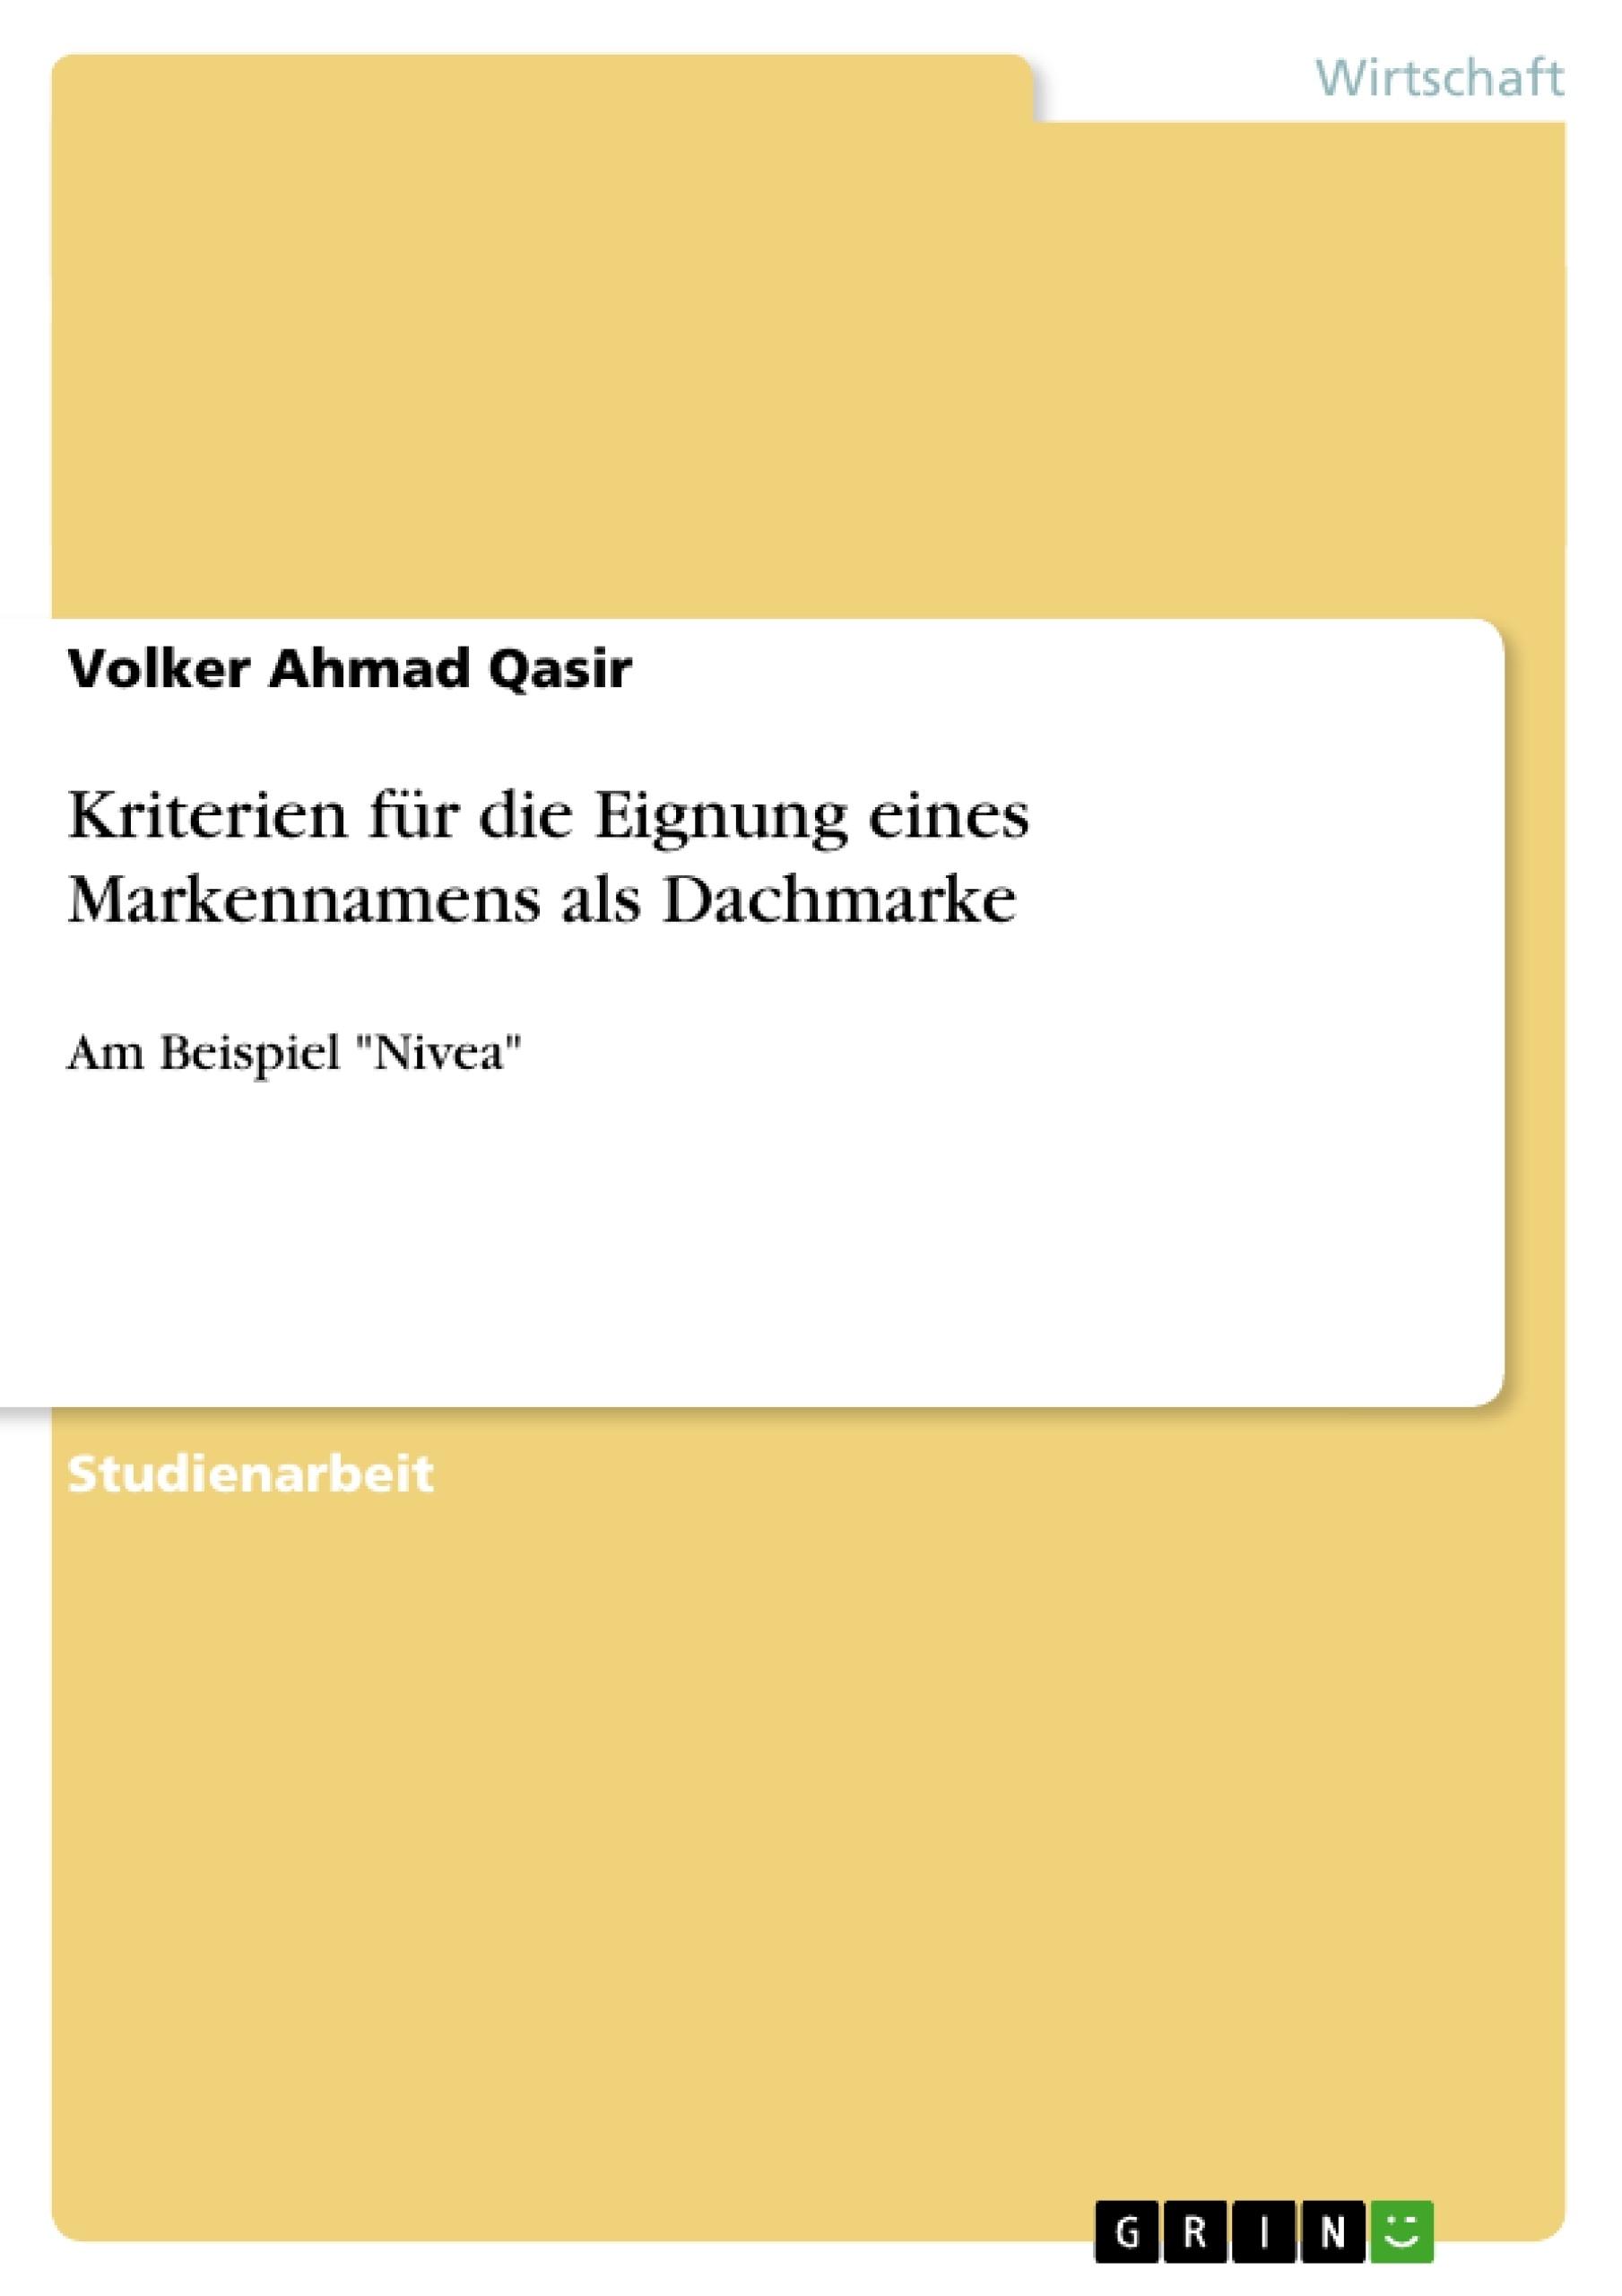 Titel: Kriterien für die Eignung eines Markennamens als Dachmarke